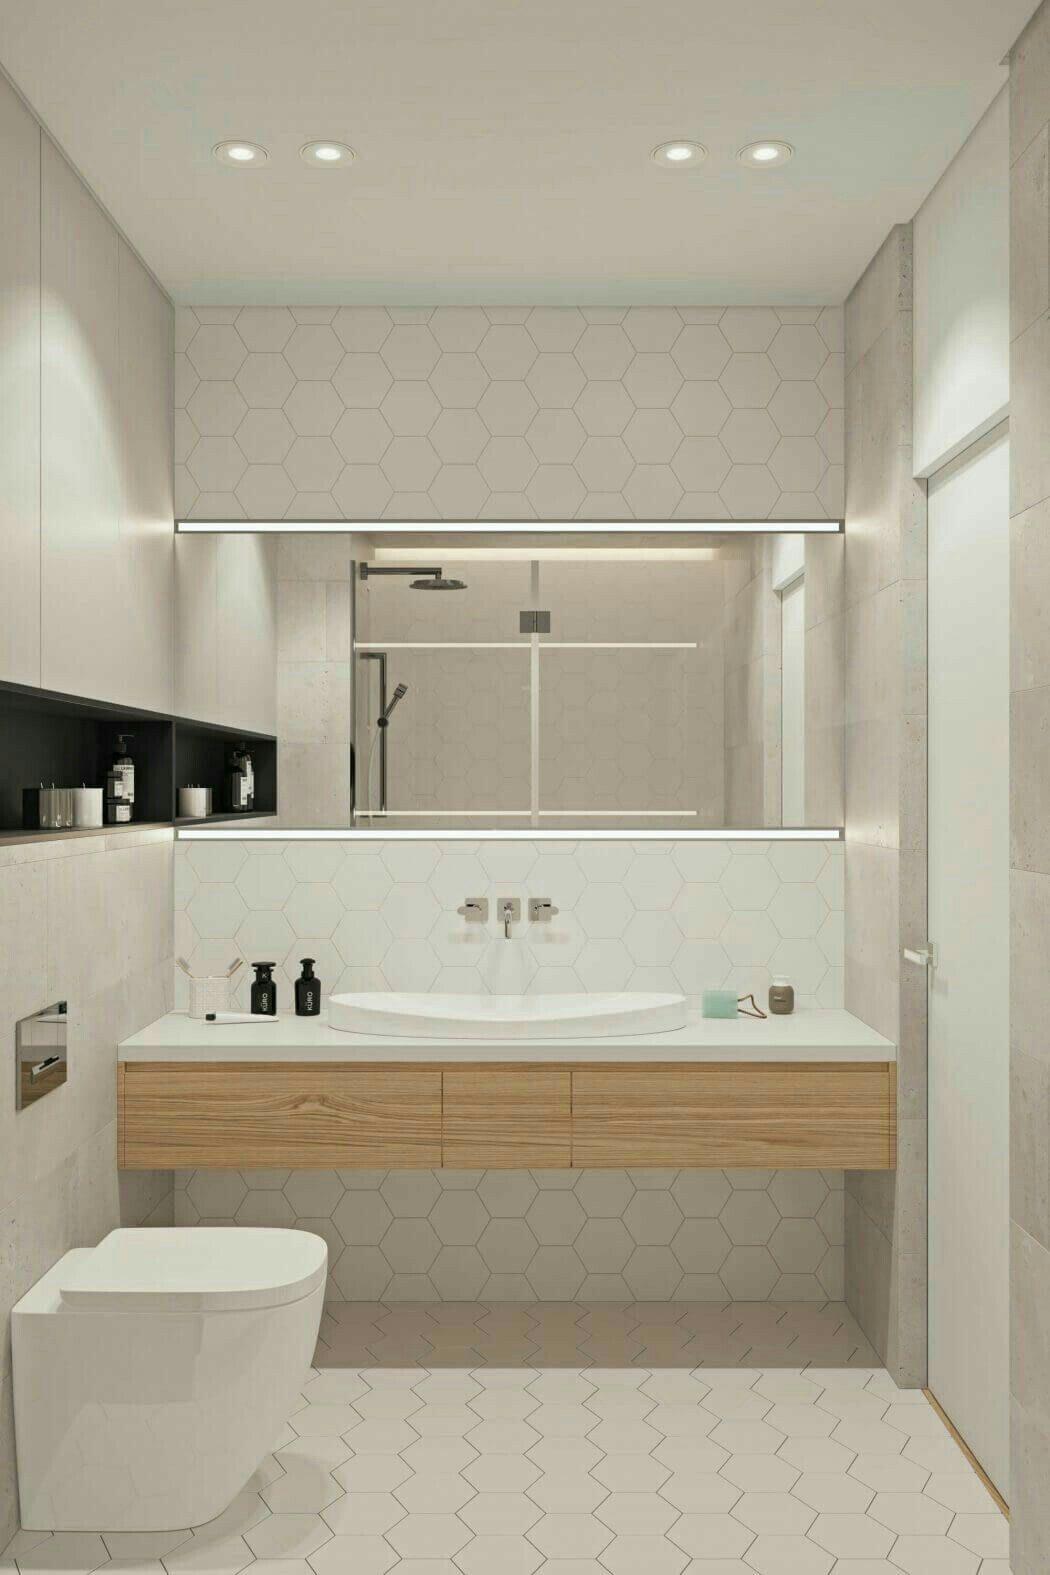 Bathroom Minimalistic Soft Aesthetic